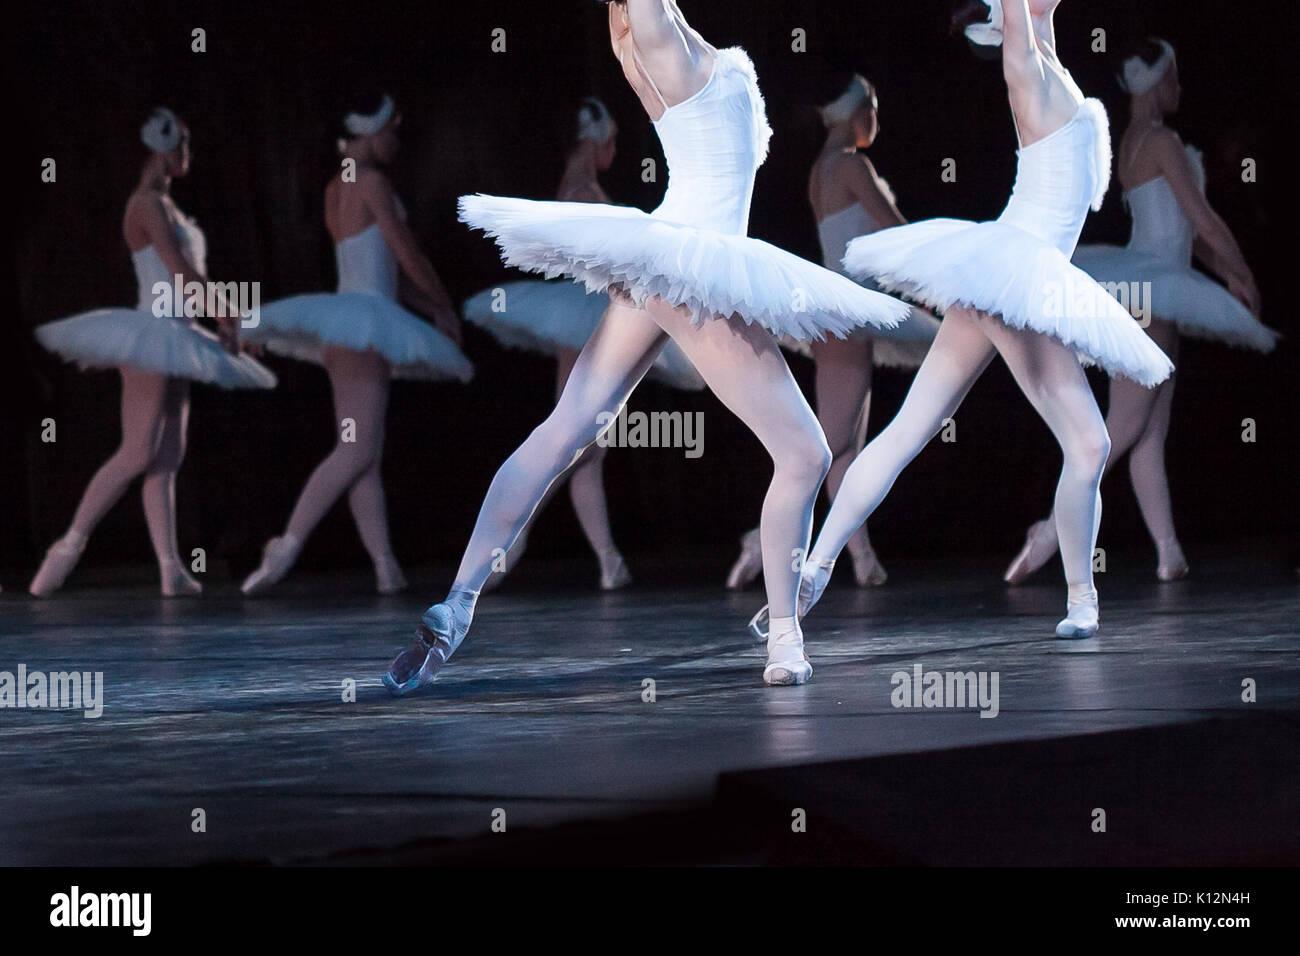 Unterhaltung, Leidenschaft, Schönheit Konzept. gracefull und zarte Mädchen, Ballett, Tänzer, in weißen Kostümen von schönen Schwäne für die Durchführung von Welt gekleidet Wissen Stockbild